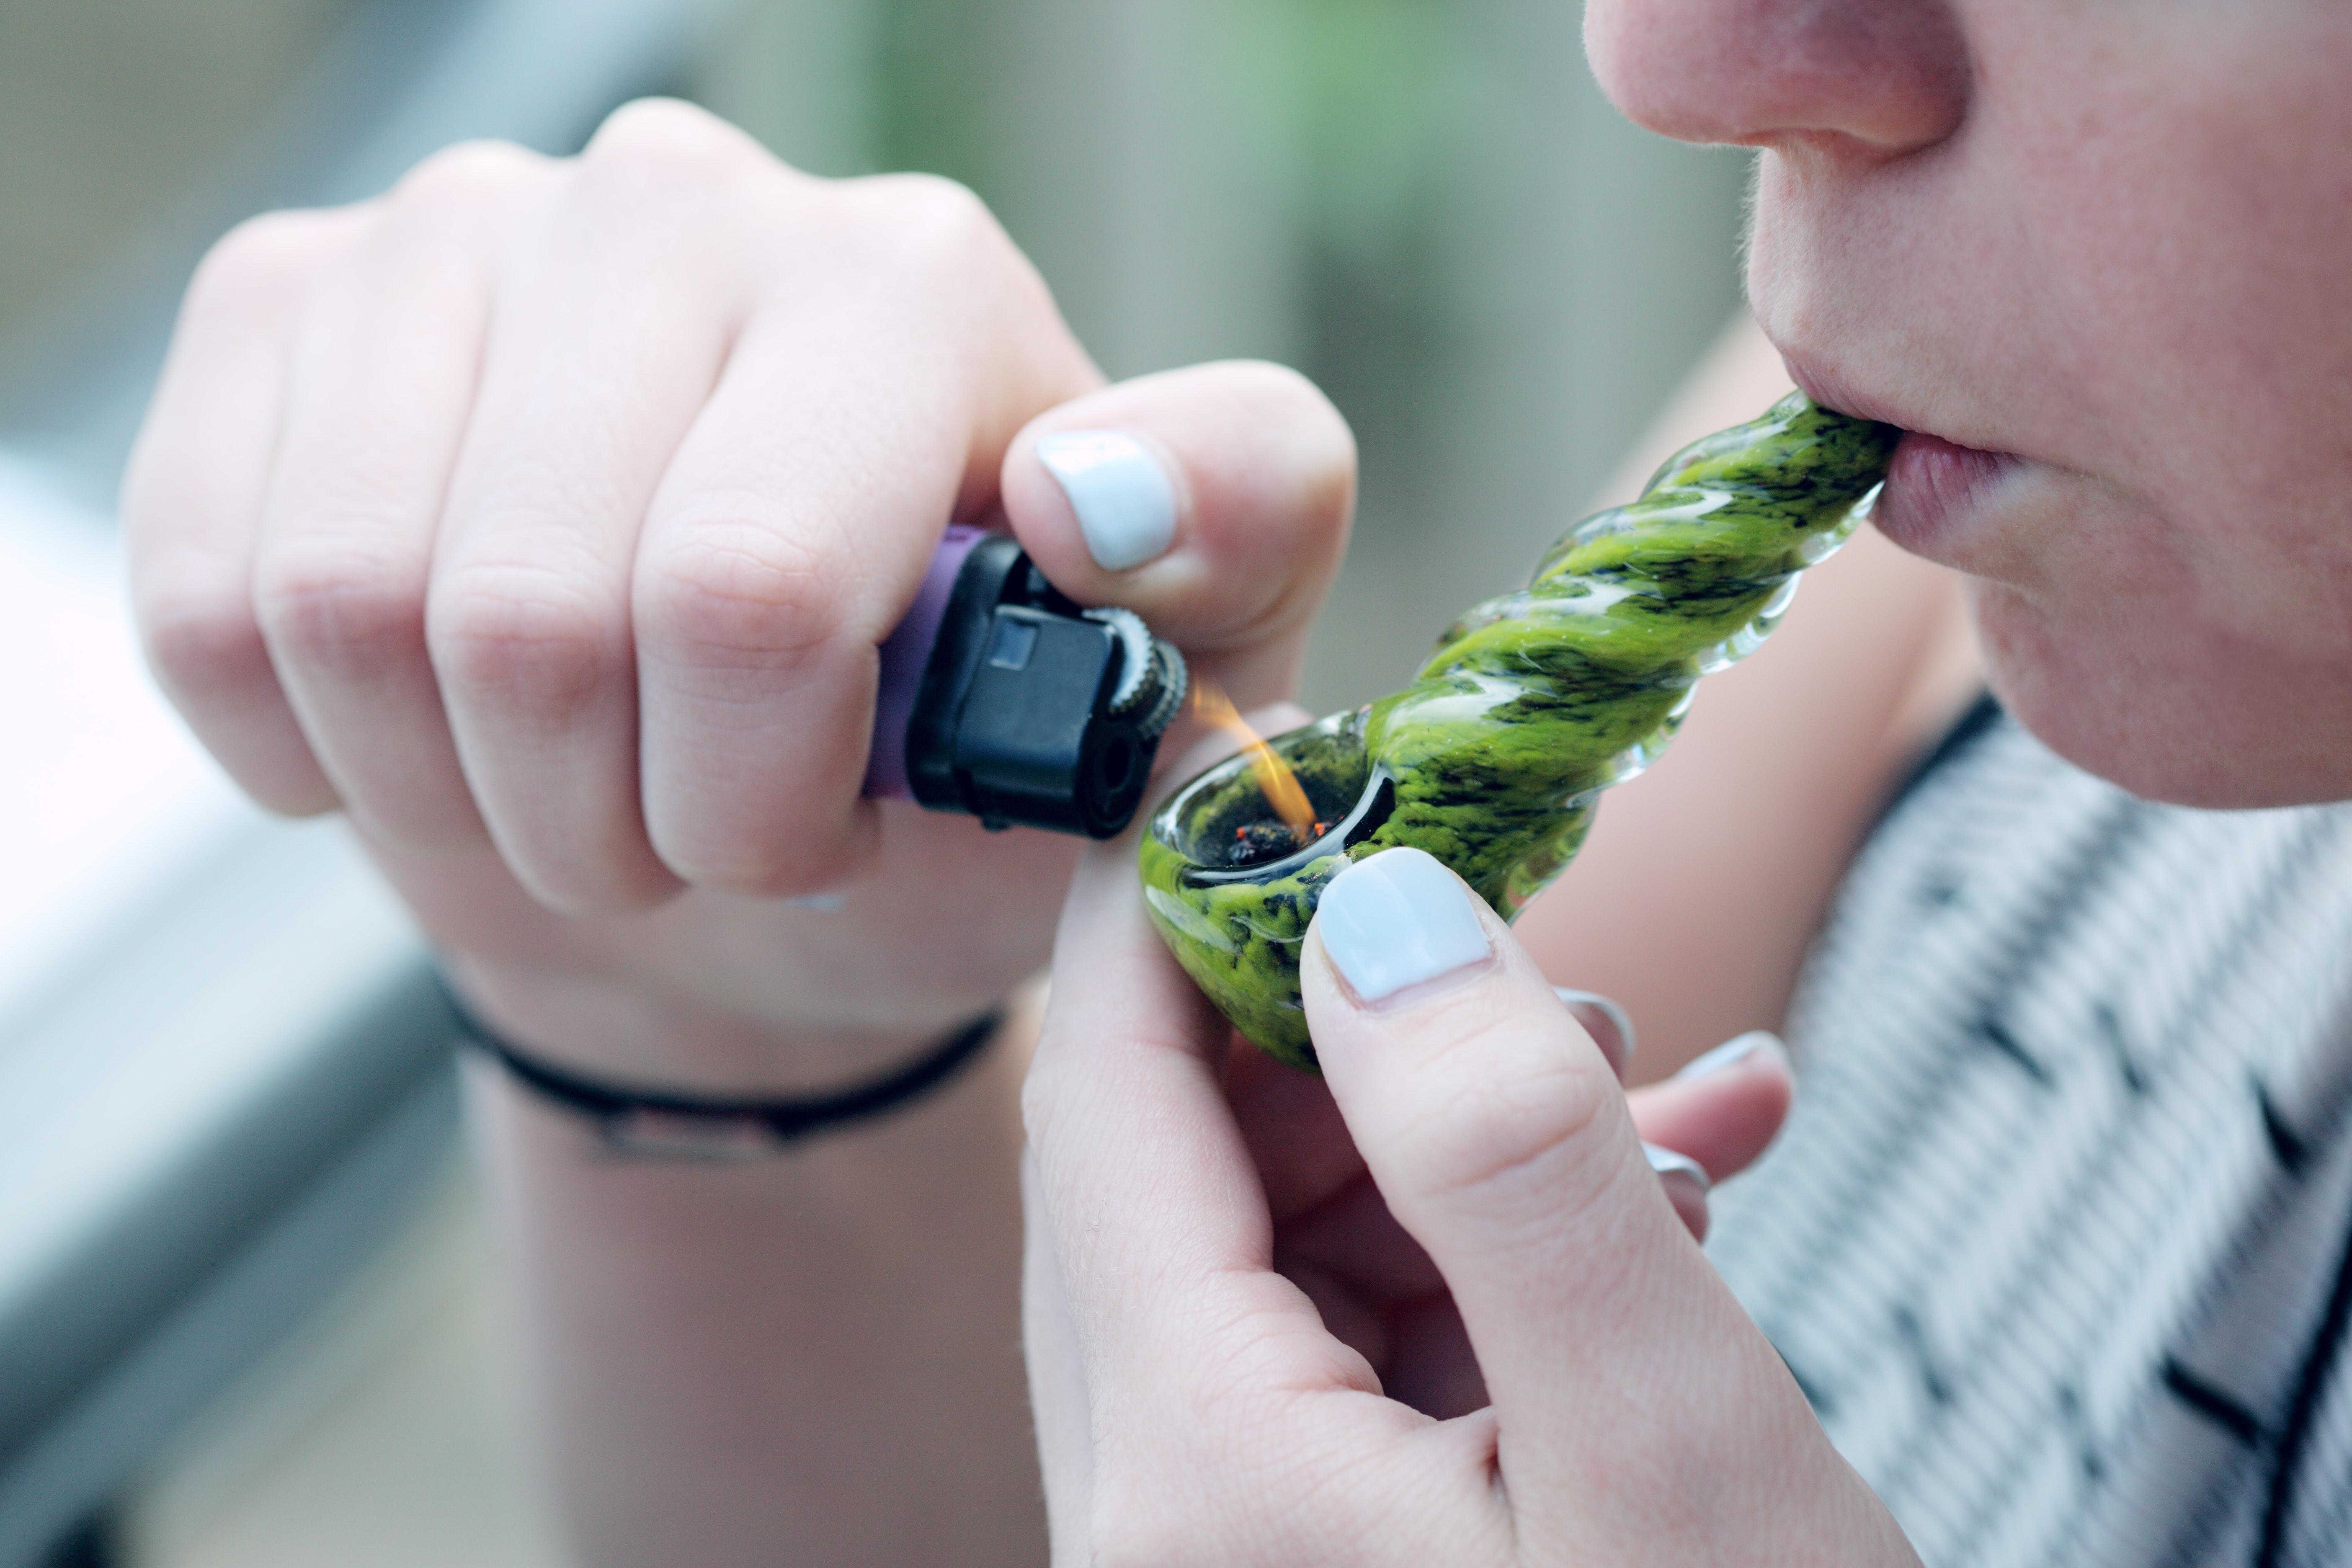 Medical smoking